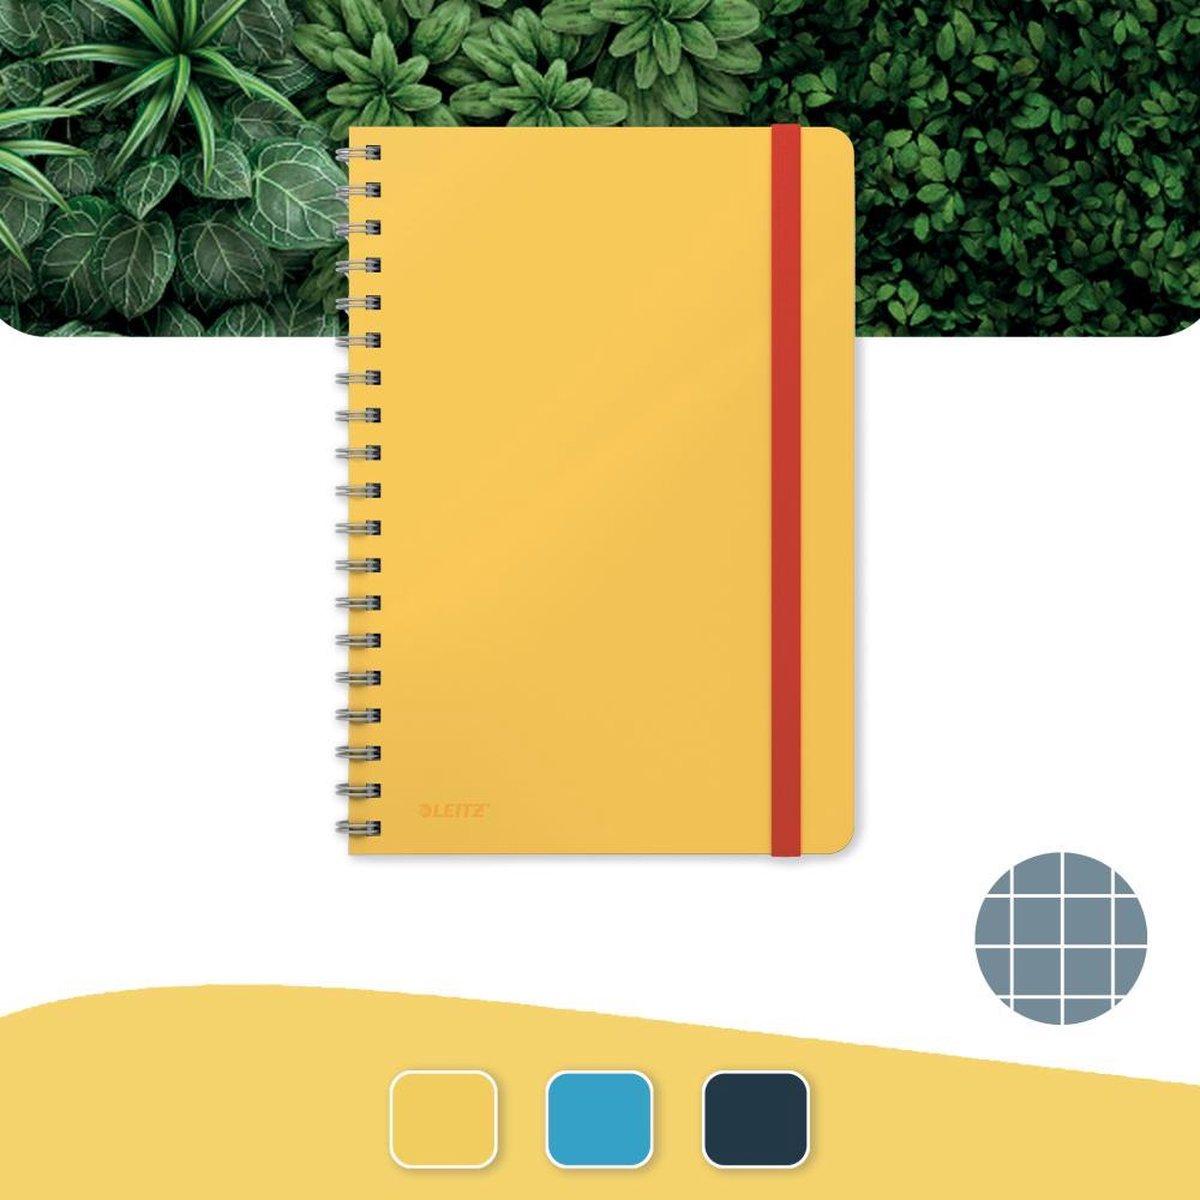 Leitz Cosy Notitieboek B5 Soft Touch Geruit - Notitieboek Hard Cover - Spiraalgebonden - Voor Kantoor En Thuiswerken - Warm Geel - Ideaal Voor Thuiskantoor